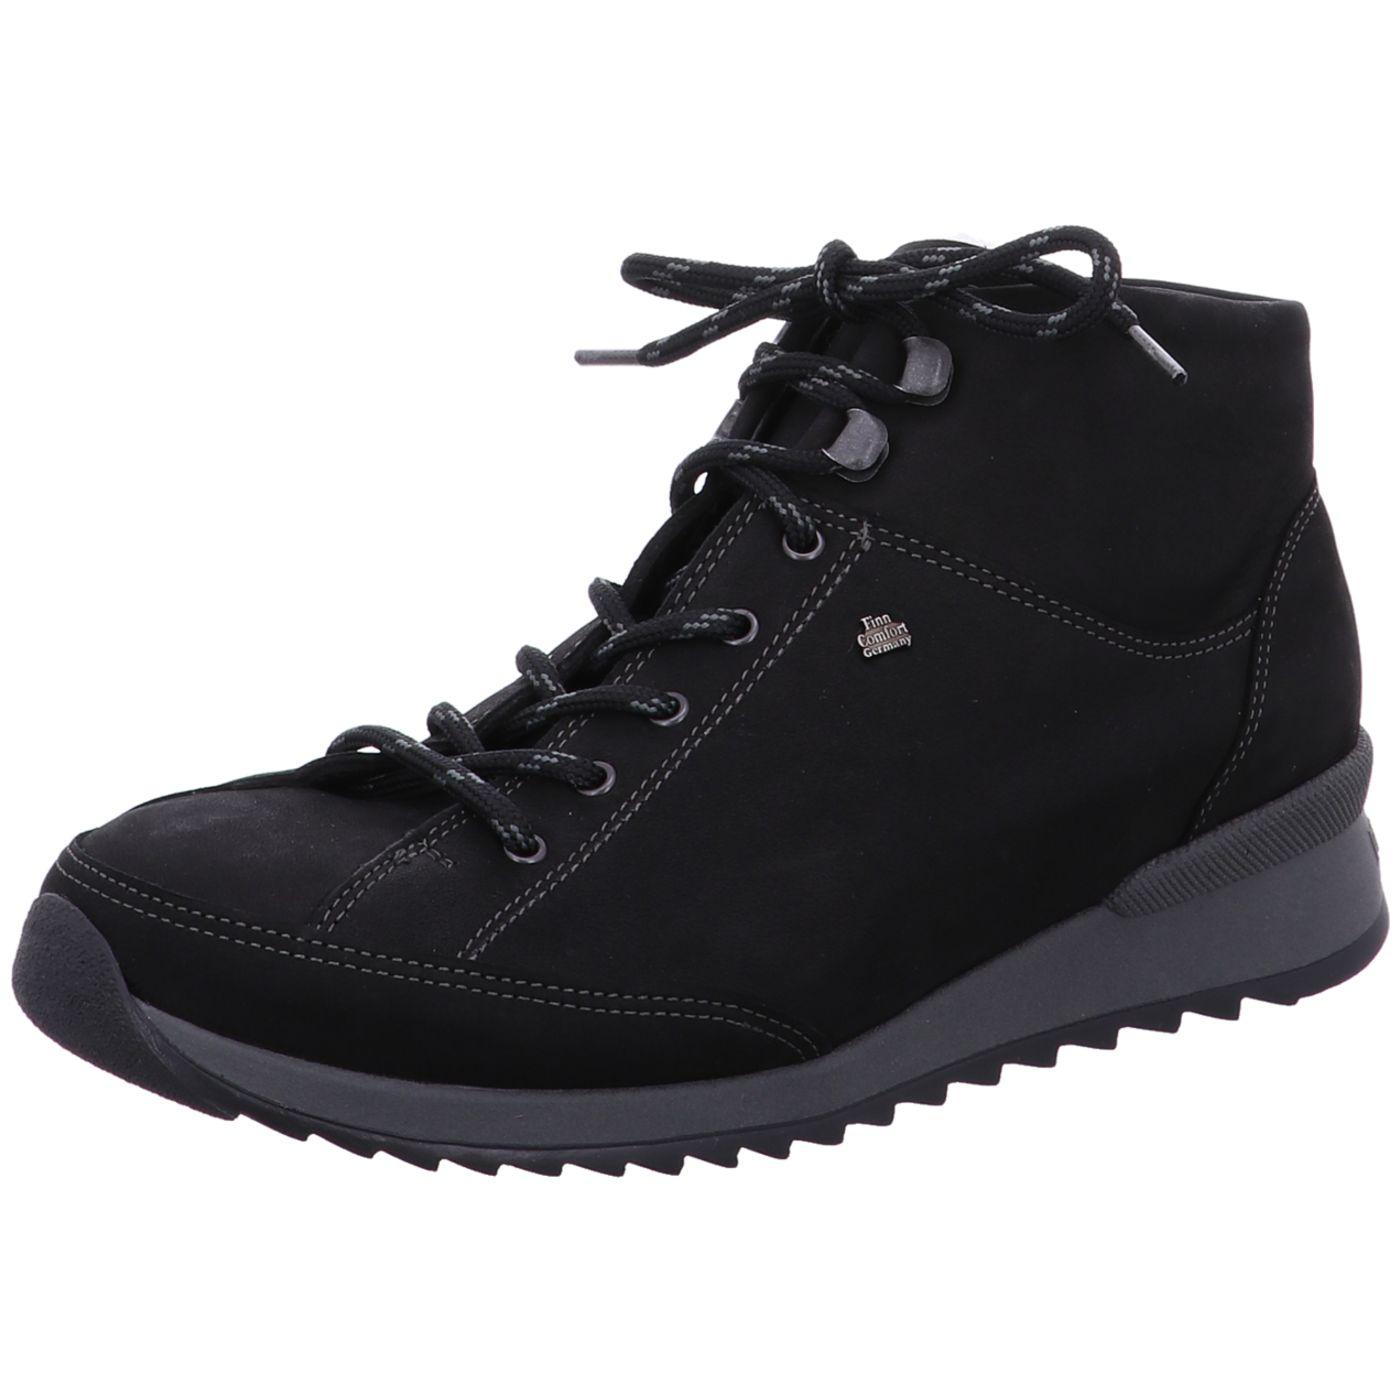 6ba50c5b4a1 Finn Comfort Schuhe » Über 500 Modelle verfügbar | schuhglück